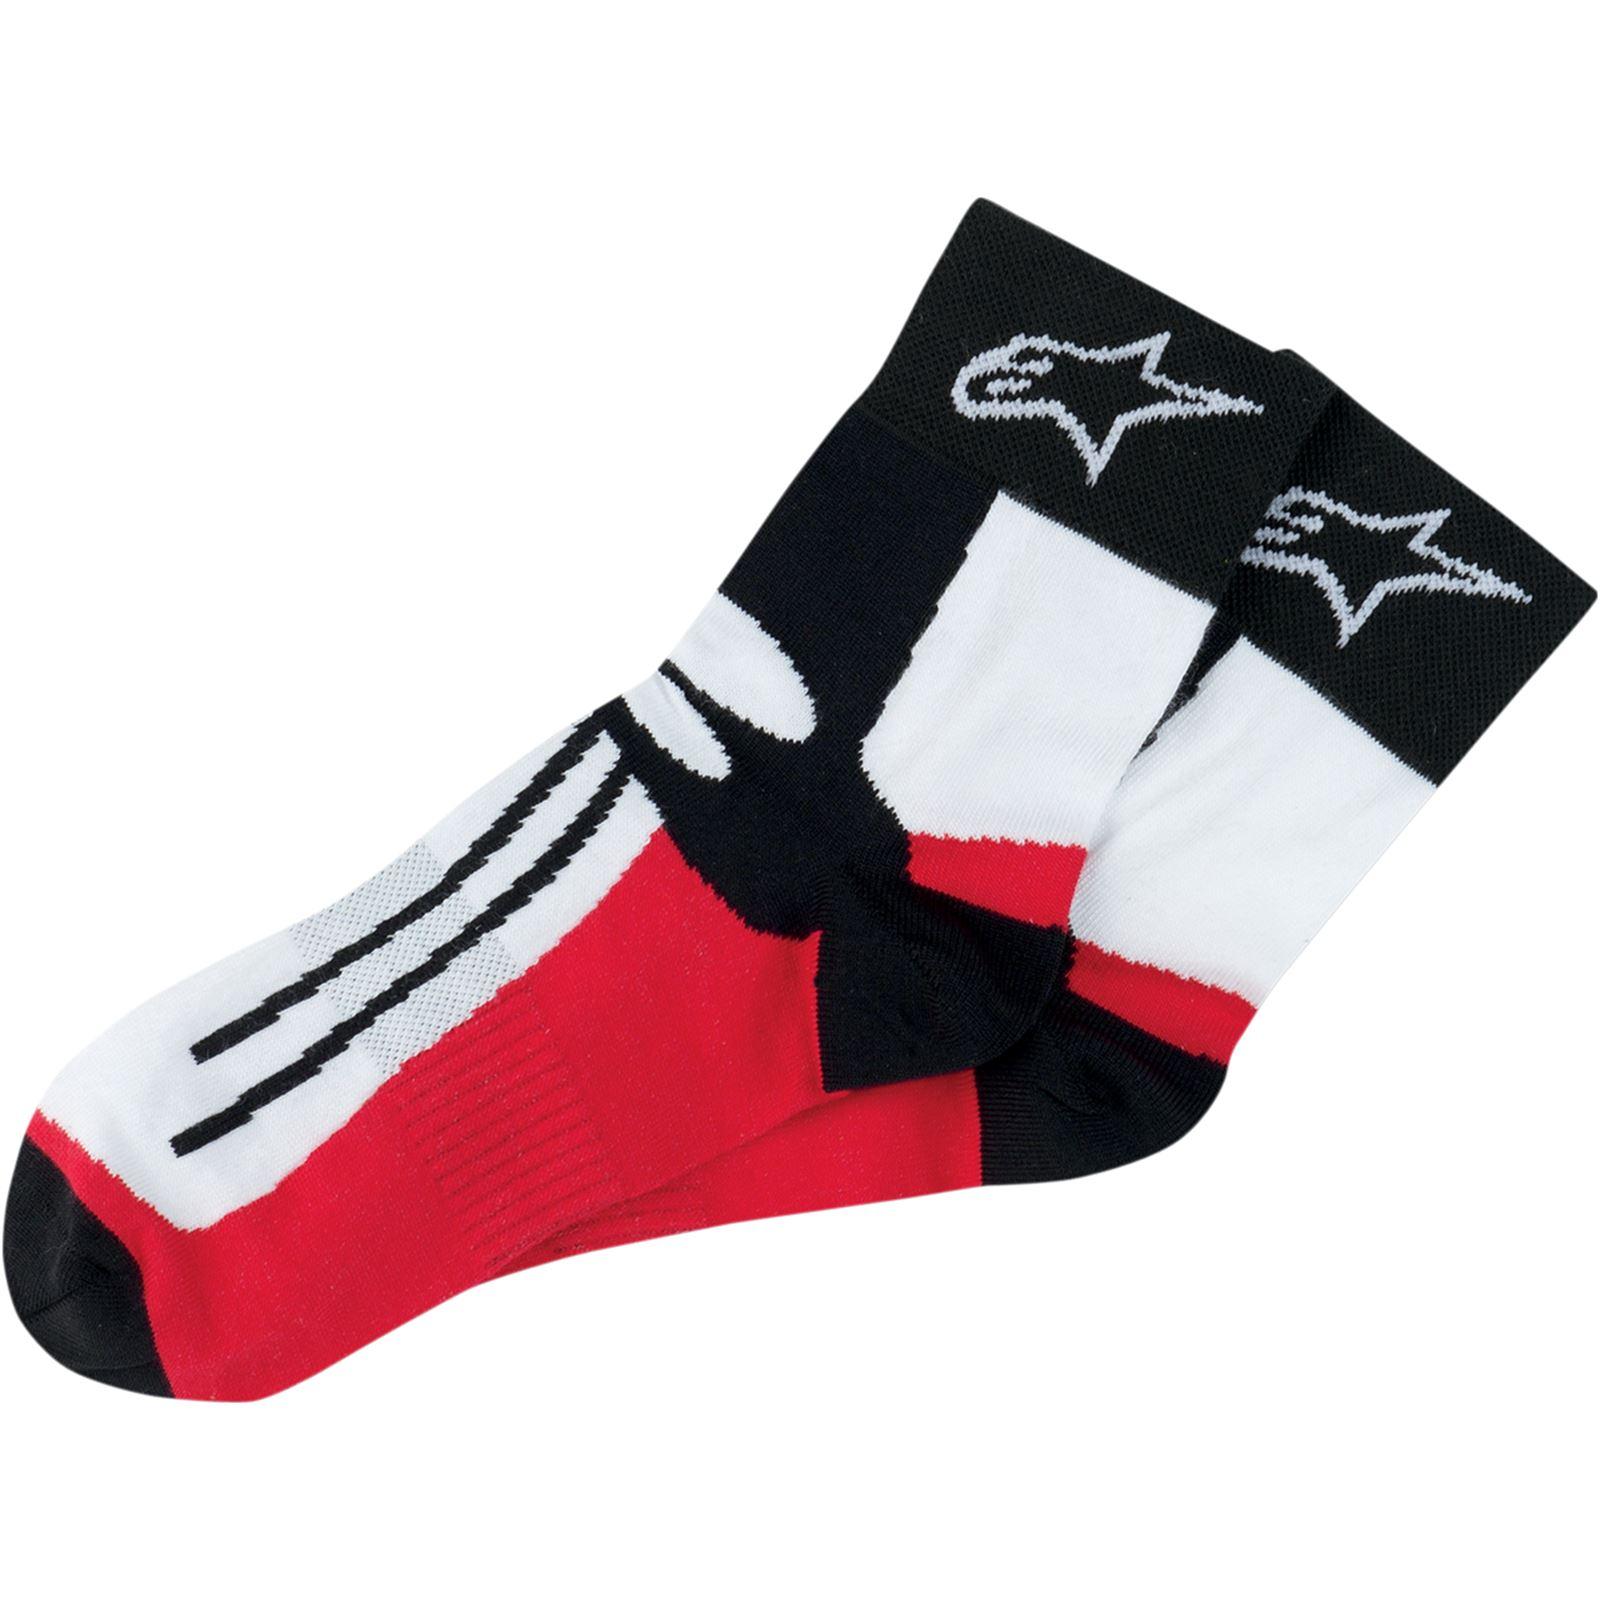 Alpinestars Road Racing Socks - Small/Medium